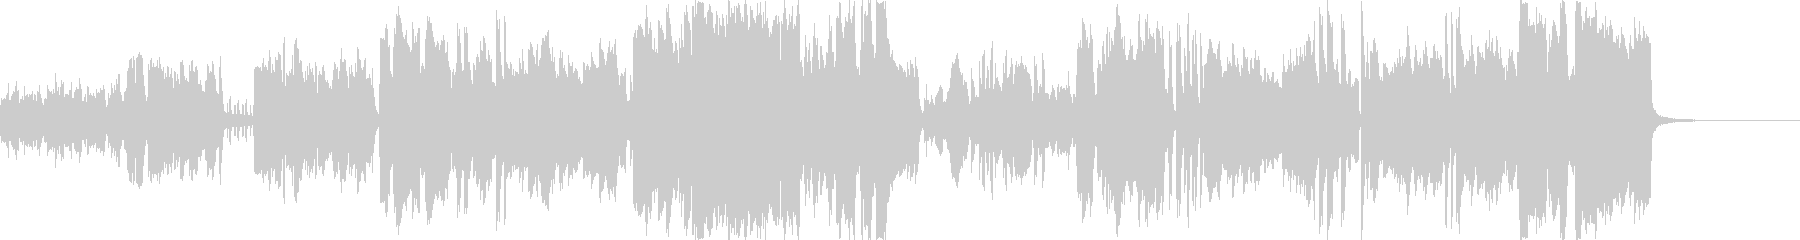 サックスが洒落てリズミカルなジャズ風の未再生の波形